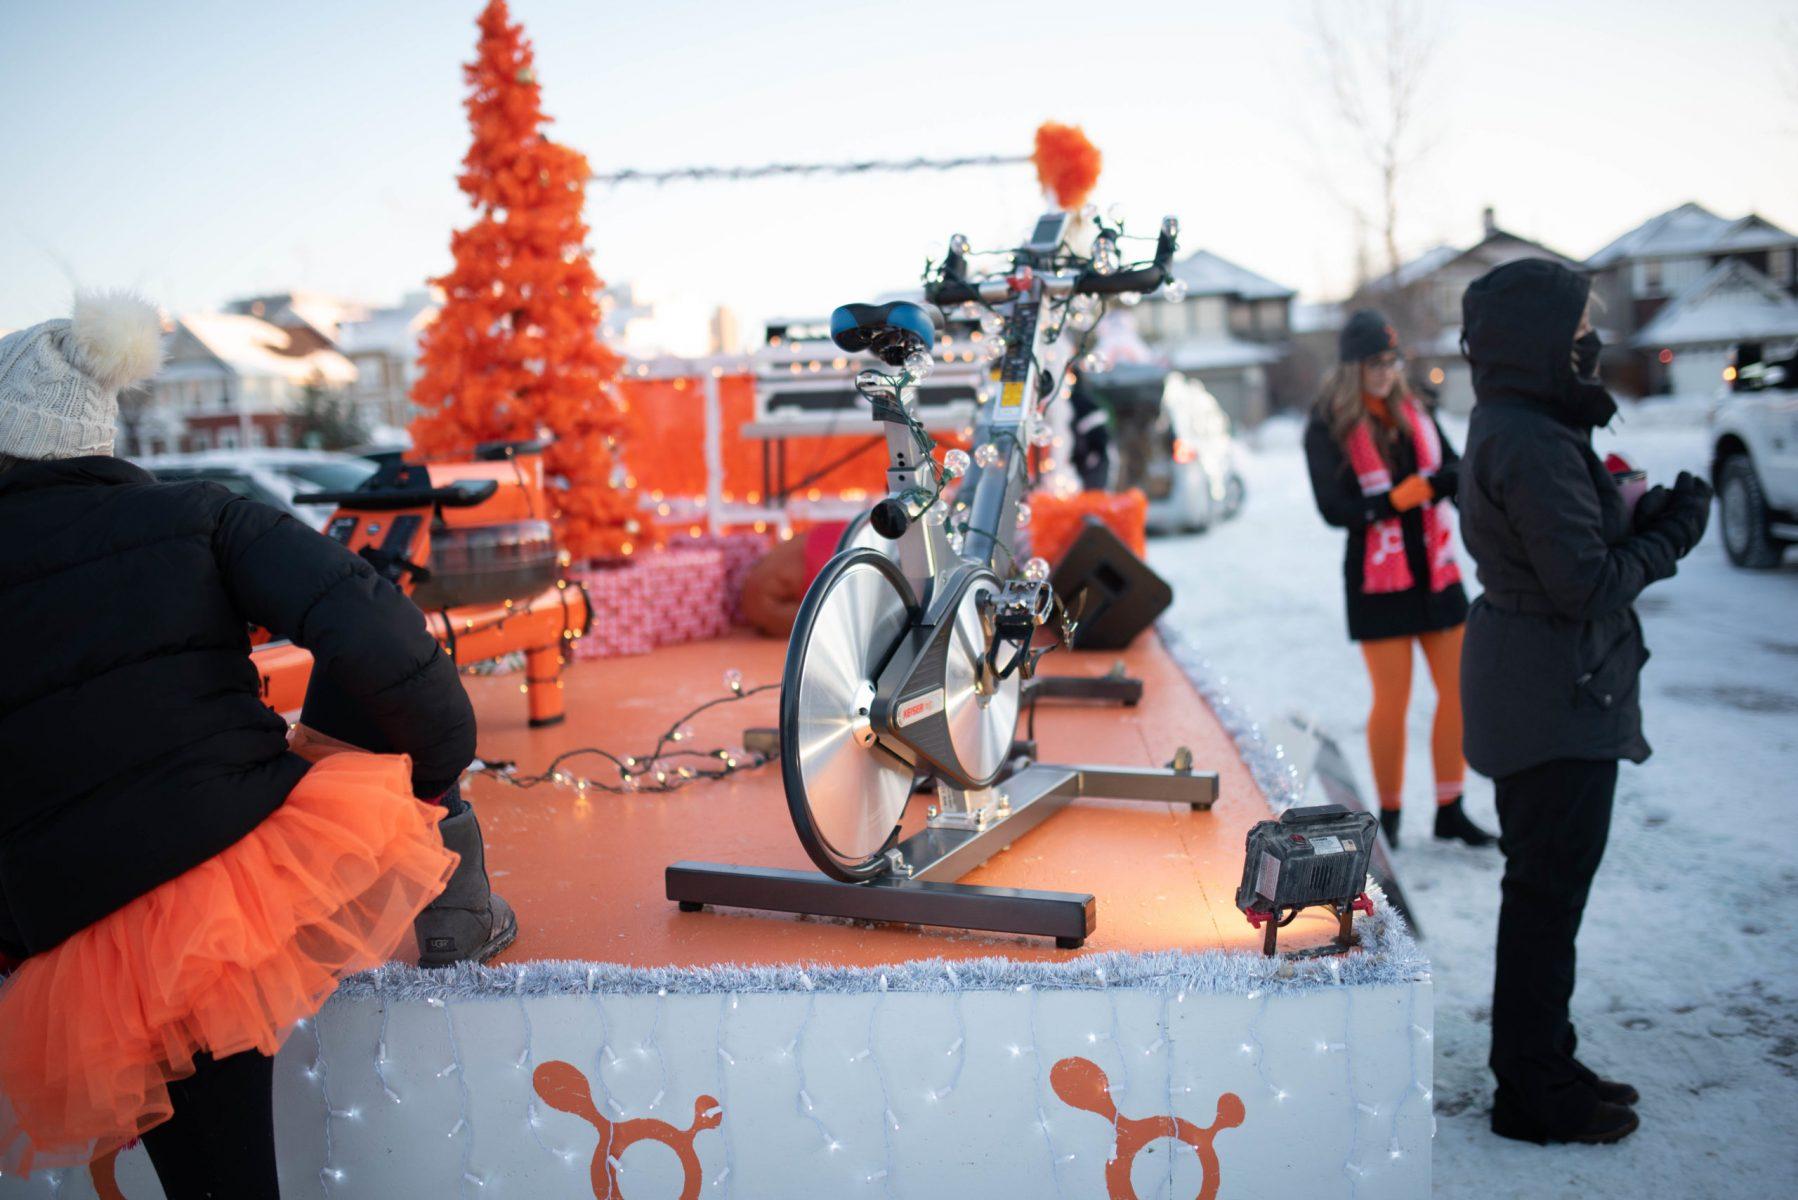 Auburn-Bay-Christmas-Parade-2019-6-scaled